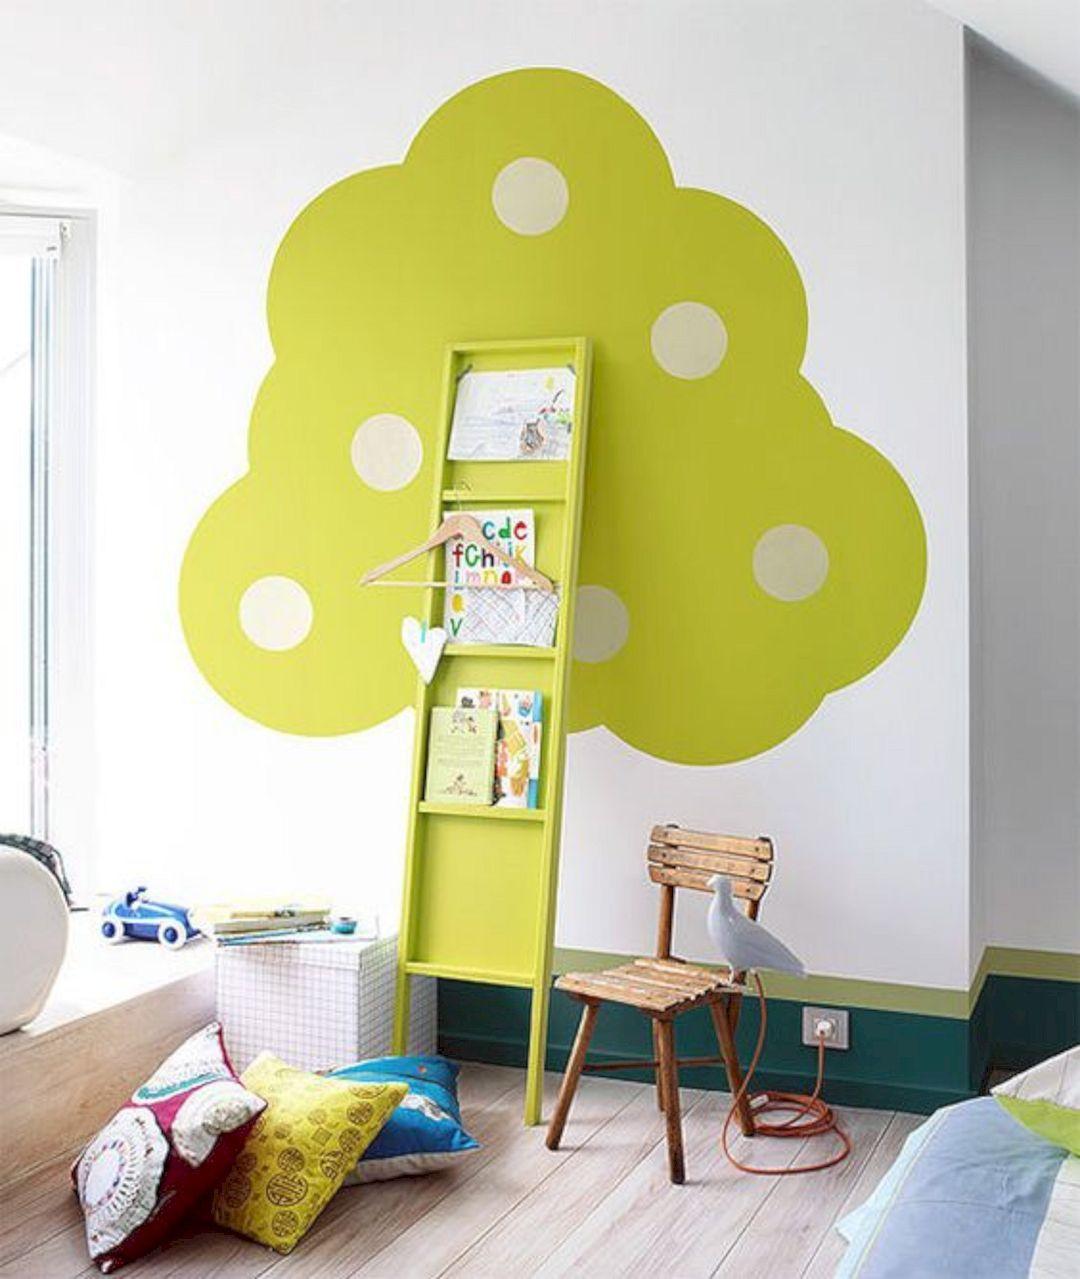 Coolest DIY Bookshelf Ideas | Book shelves, Shelves and Wooden shelf ...